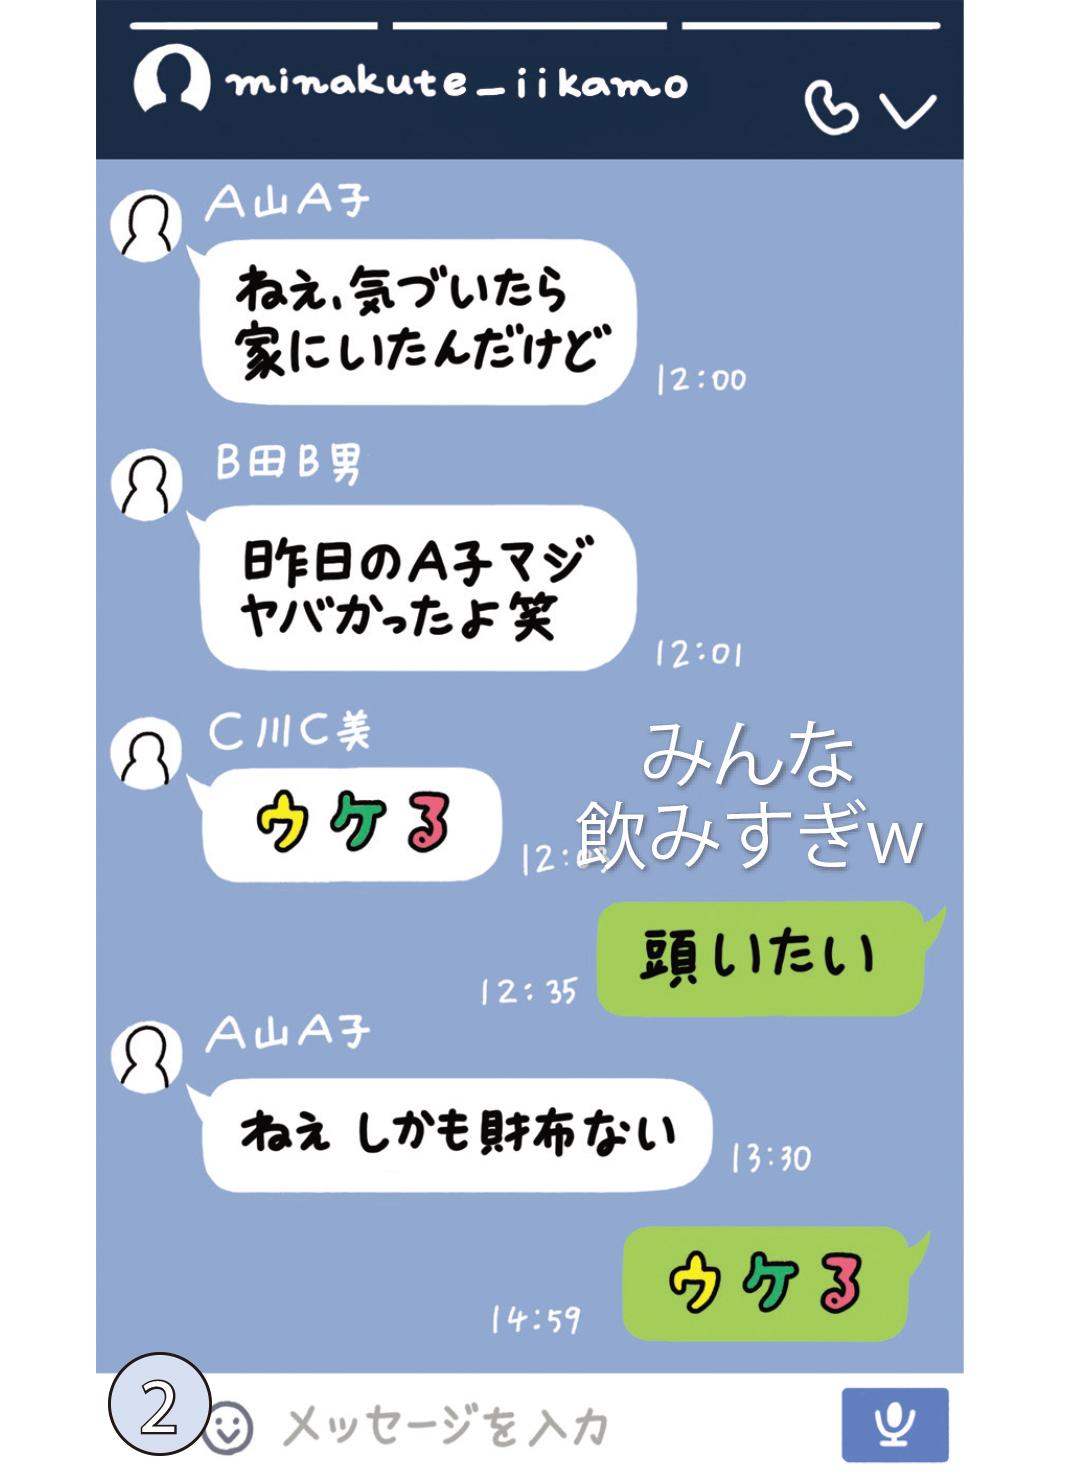 インスタストーリー 男